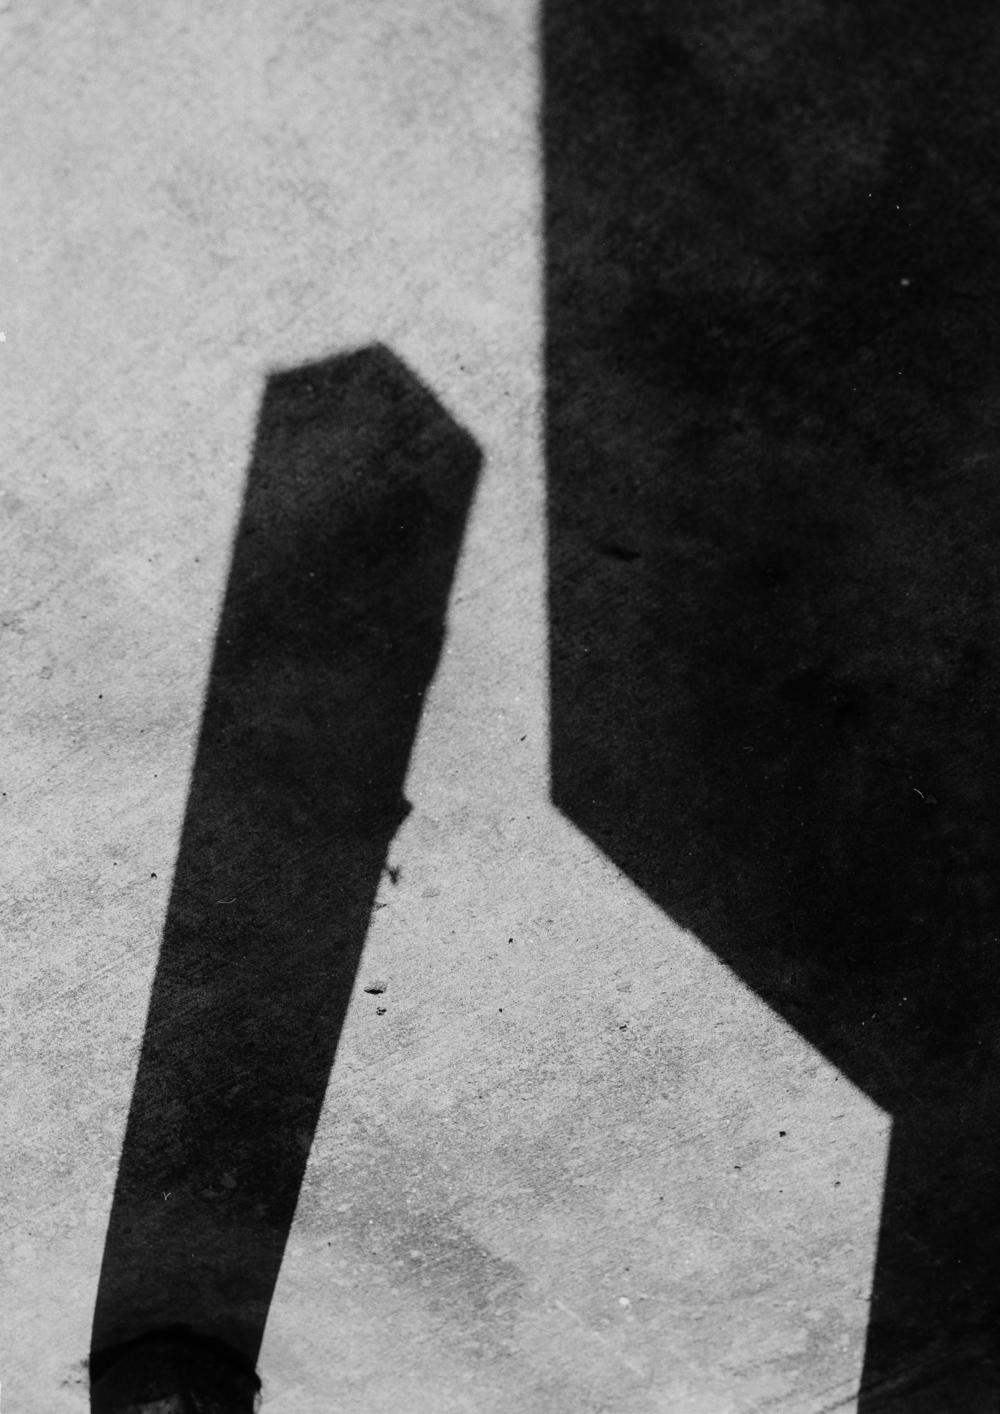 shadowstudy_008.jpg